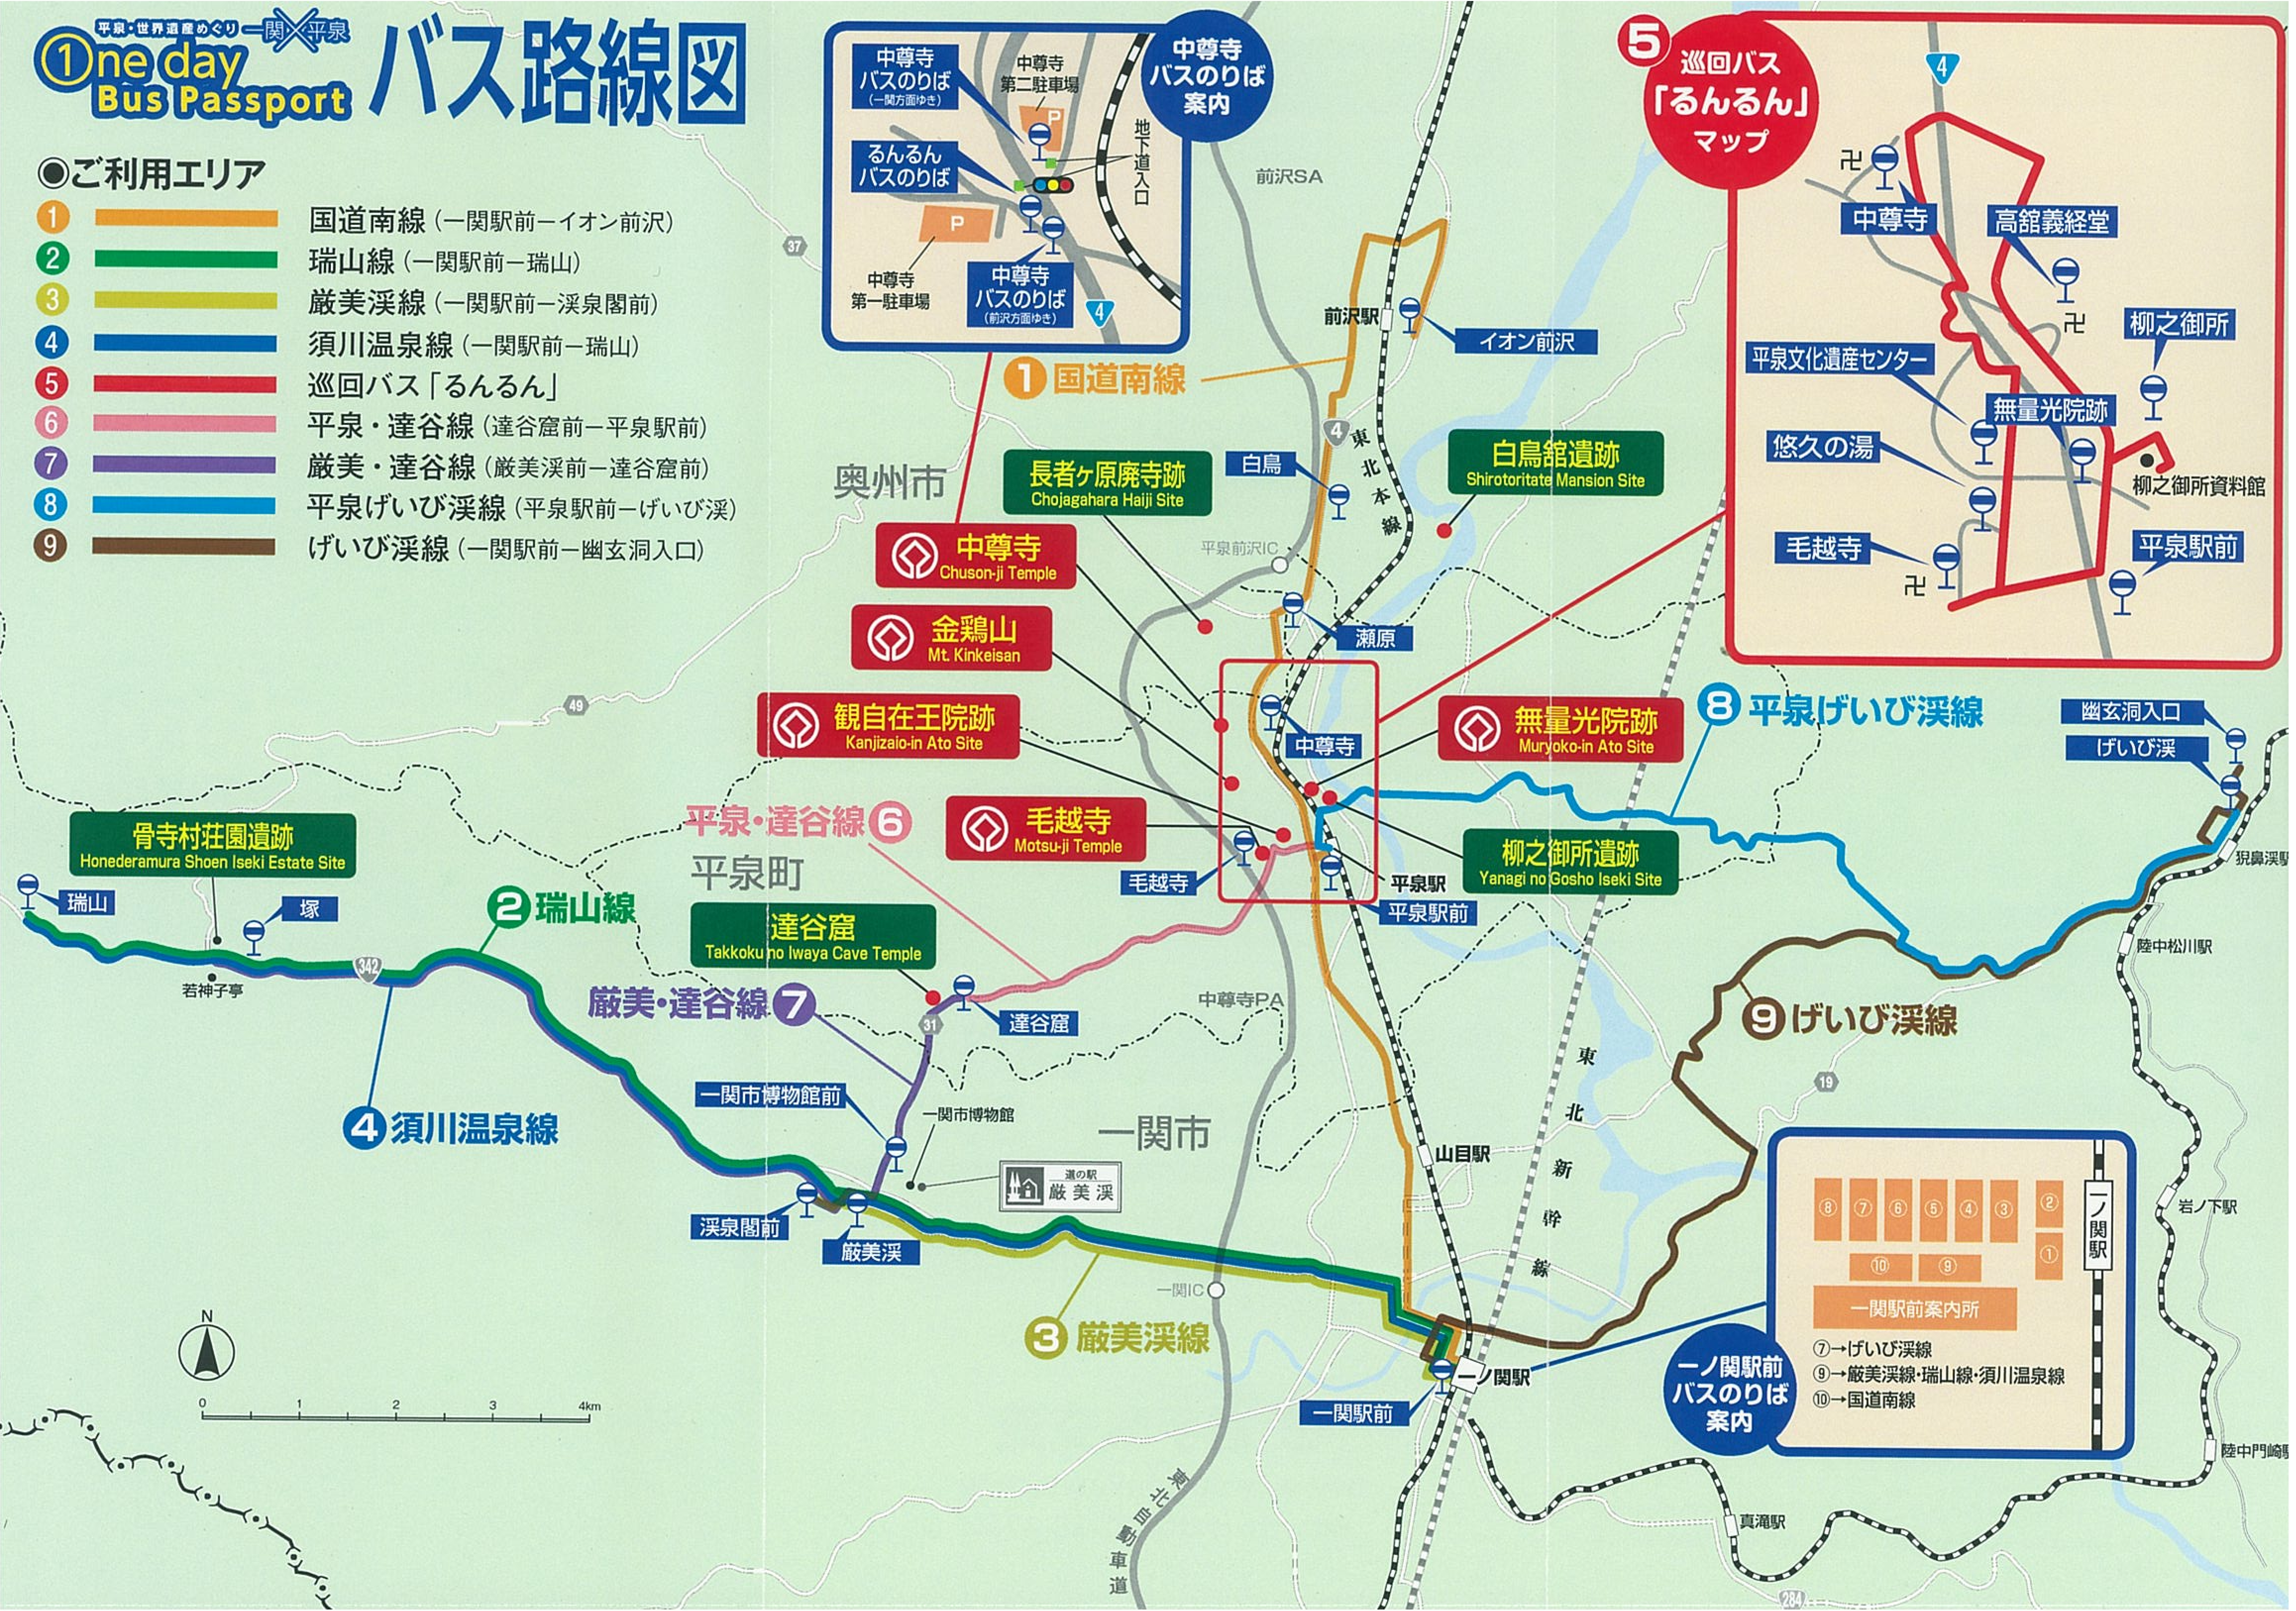 一関・平泉の周遊観光には!『One day Bus Passport』!! | お知らせ ...